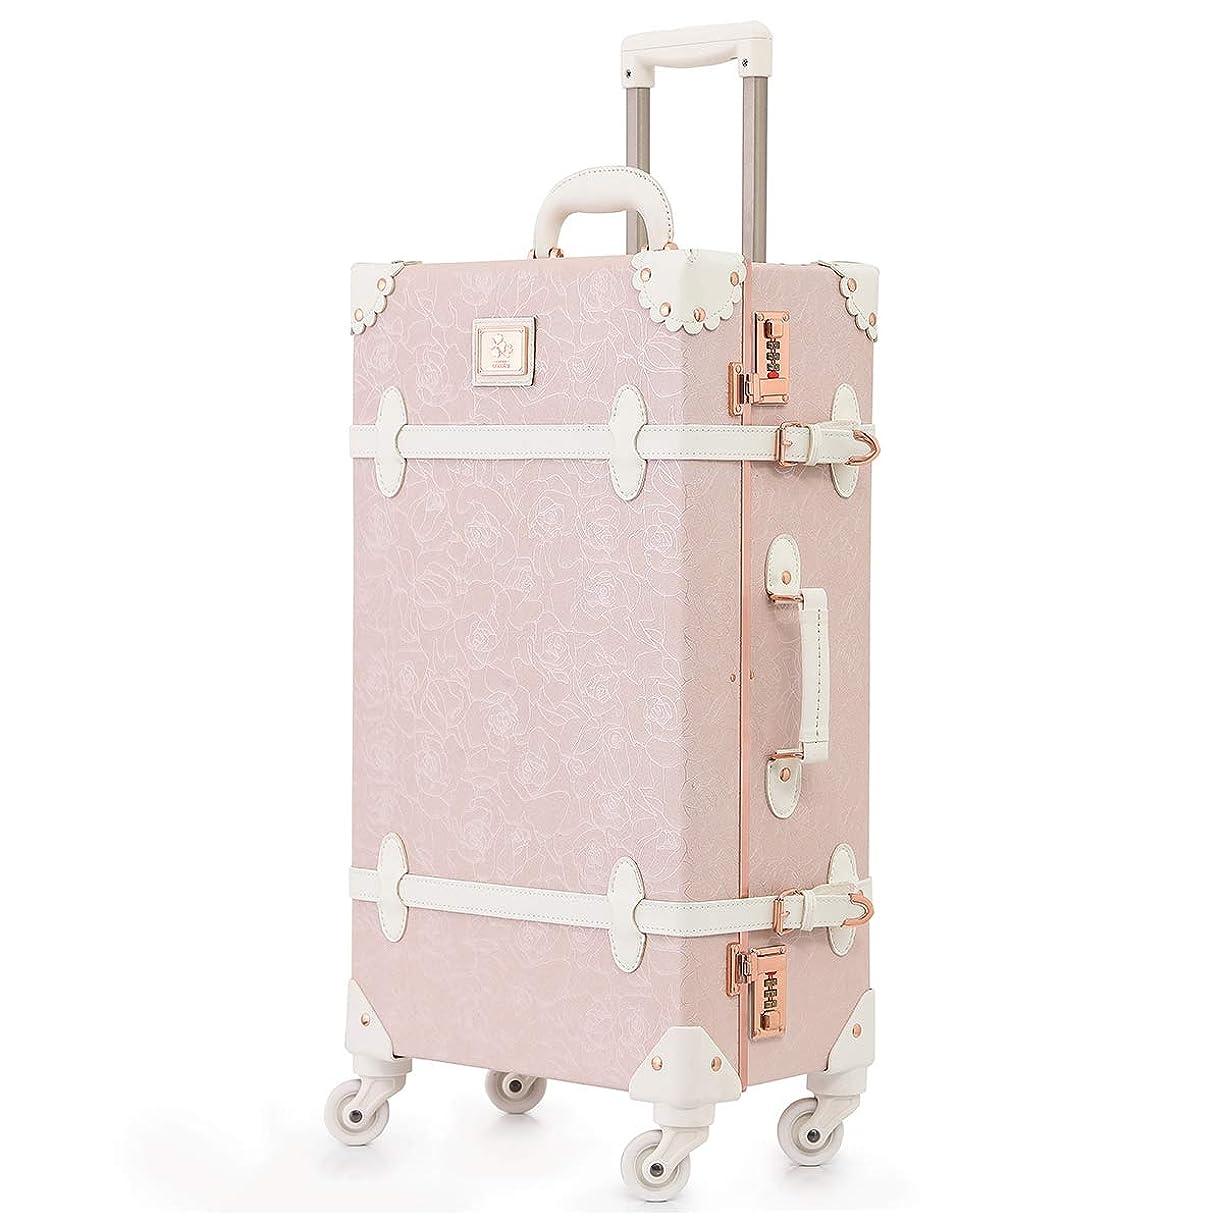 可愛い スーツケース クラシック トランク トランクケース ピンク 機内持込 キャリーケース かわいい 子供 女の子